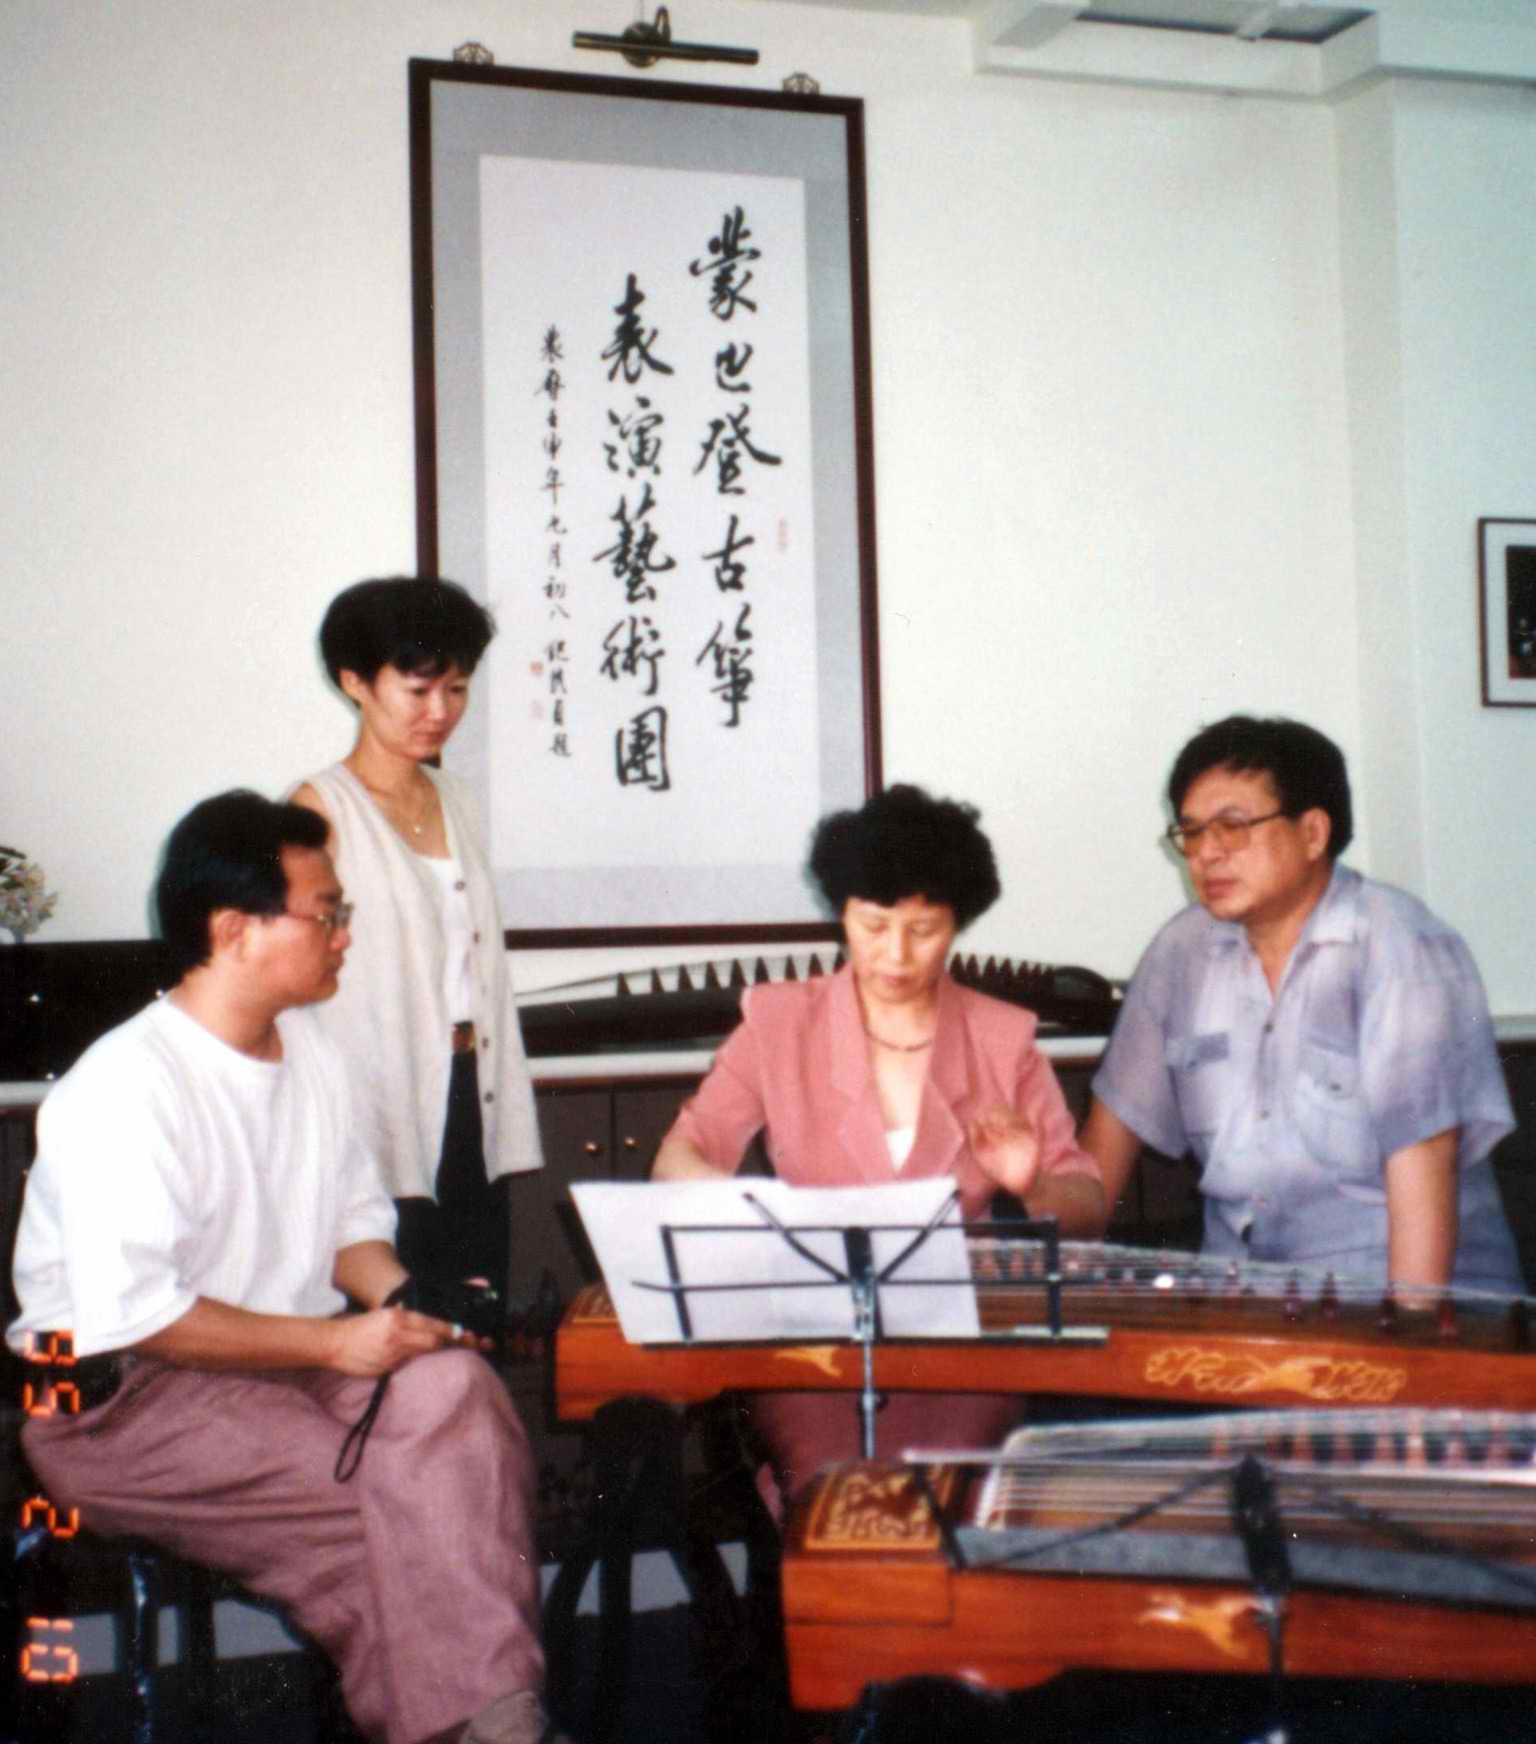 1995年前往新加坡蒙巴登古筝表演艺术团交流访问